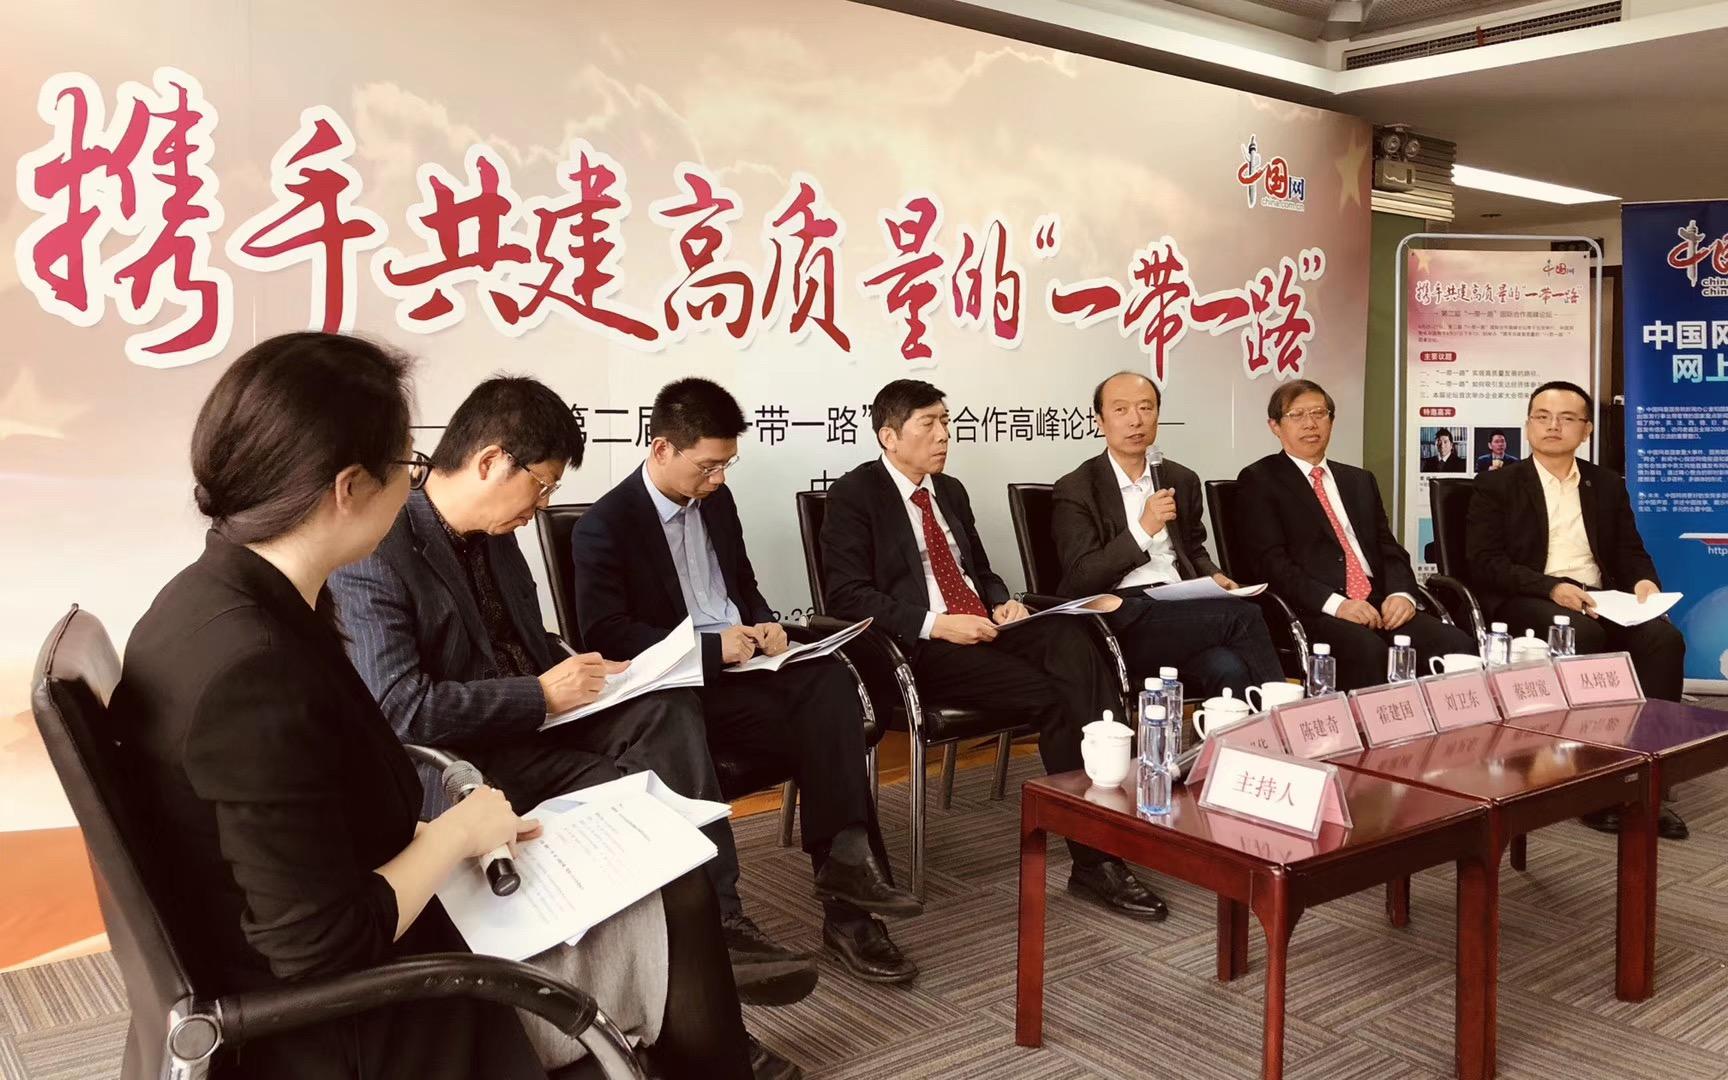 """中国网举办圆桌论坛 专家详解""""一带一路""""迈向高质量发展"""